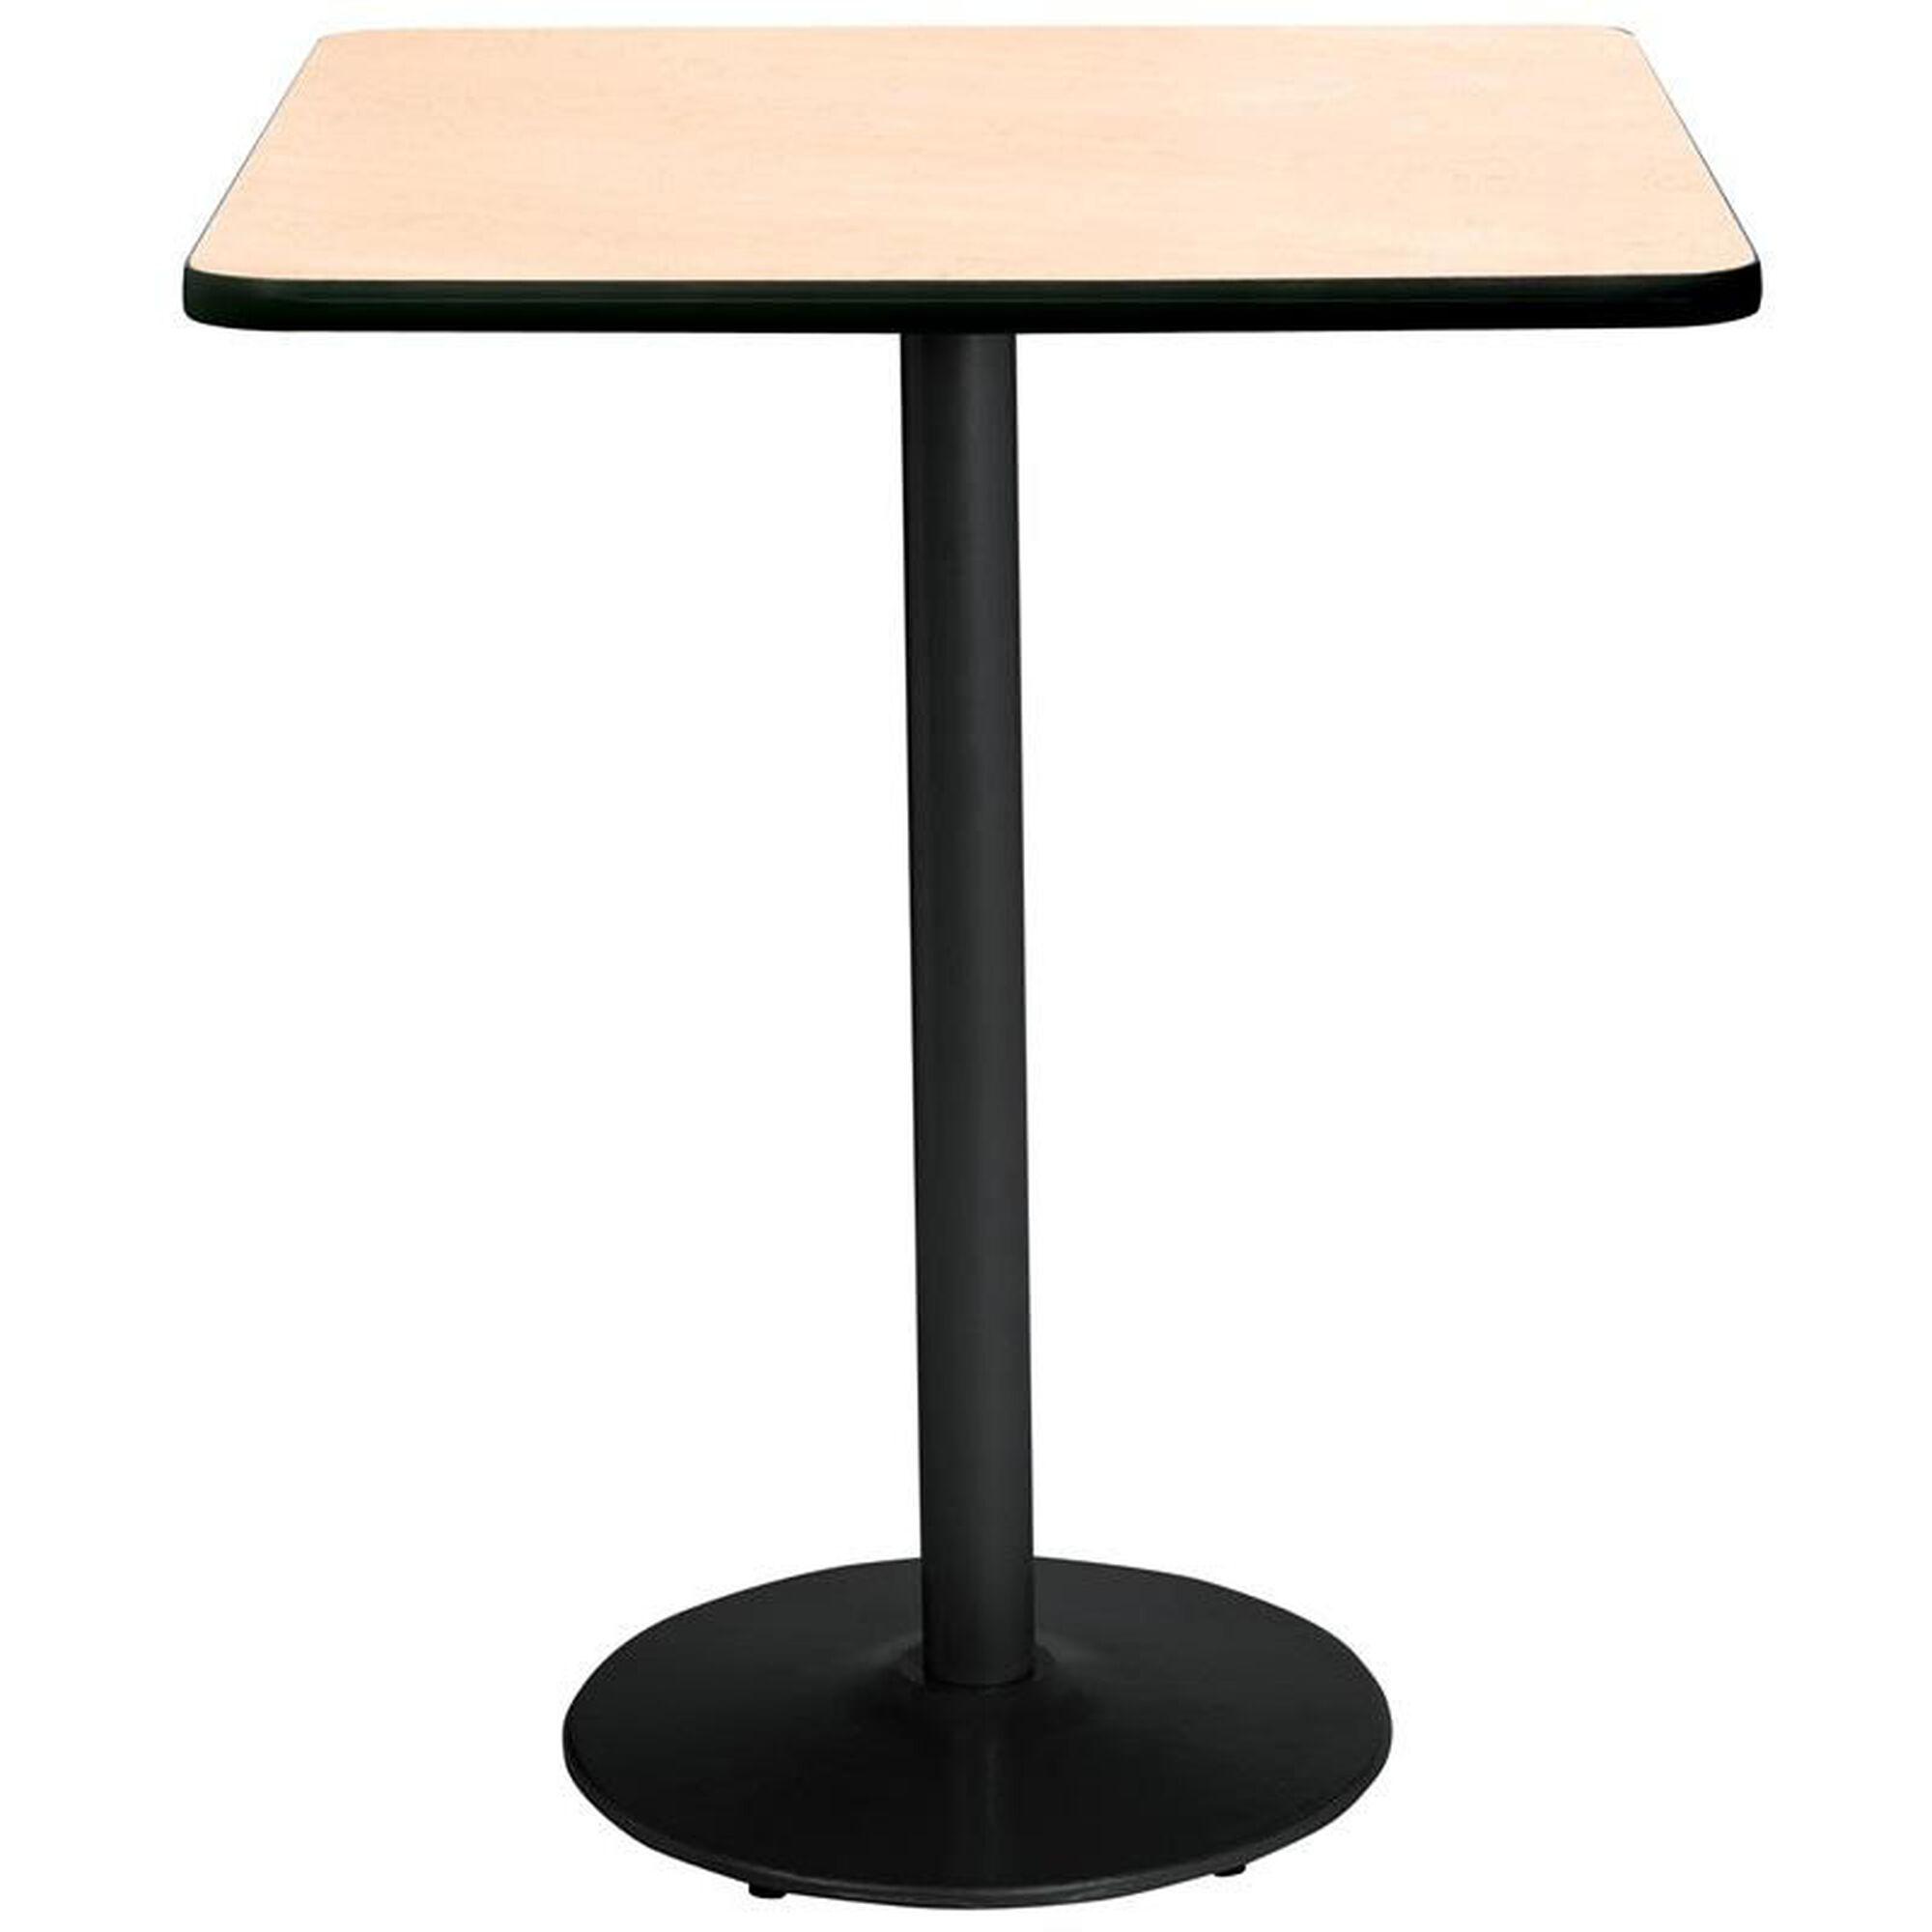 Kfi Seating 30 39 39 Square Laminate Bistro Height Pedestal